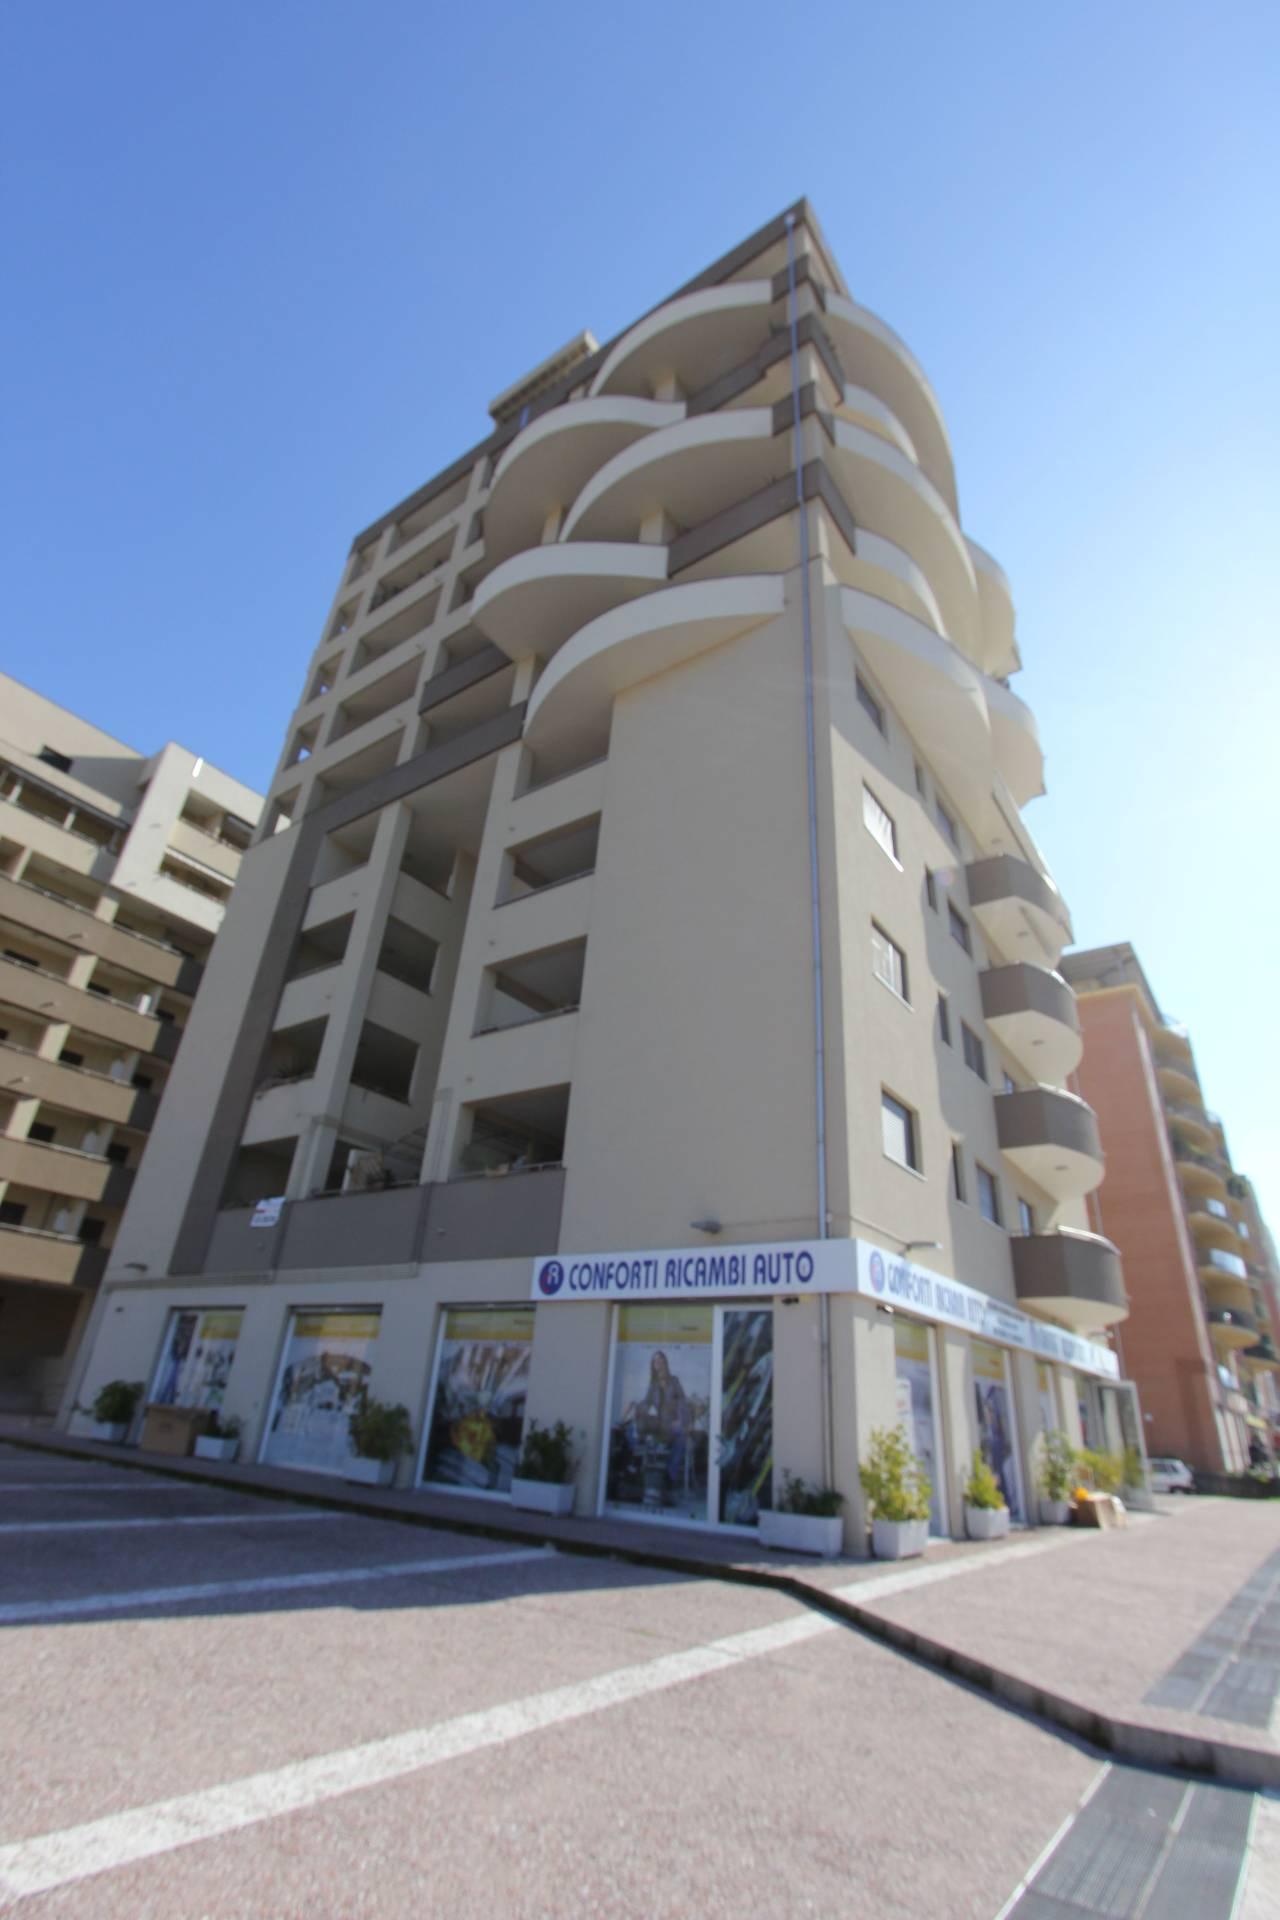 vendita appartamento cosenza nord  145000 euro  3 locali  115 mq